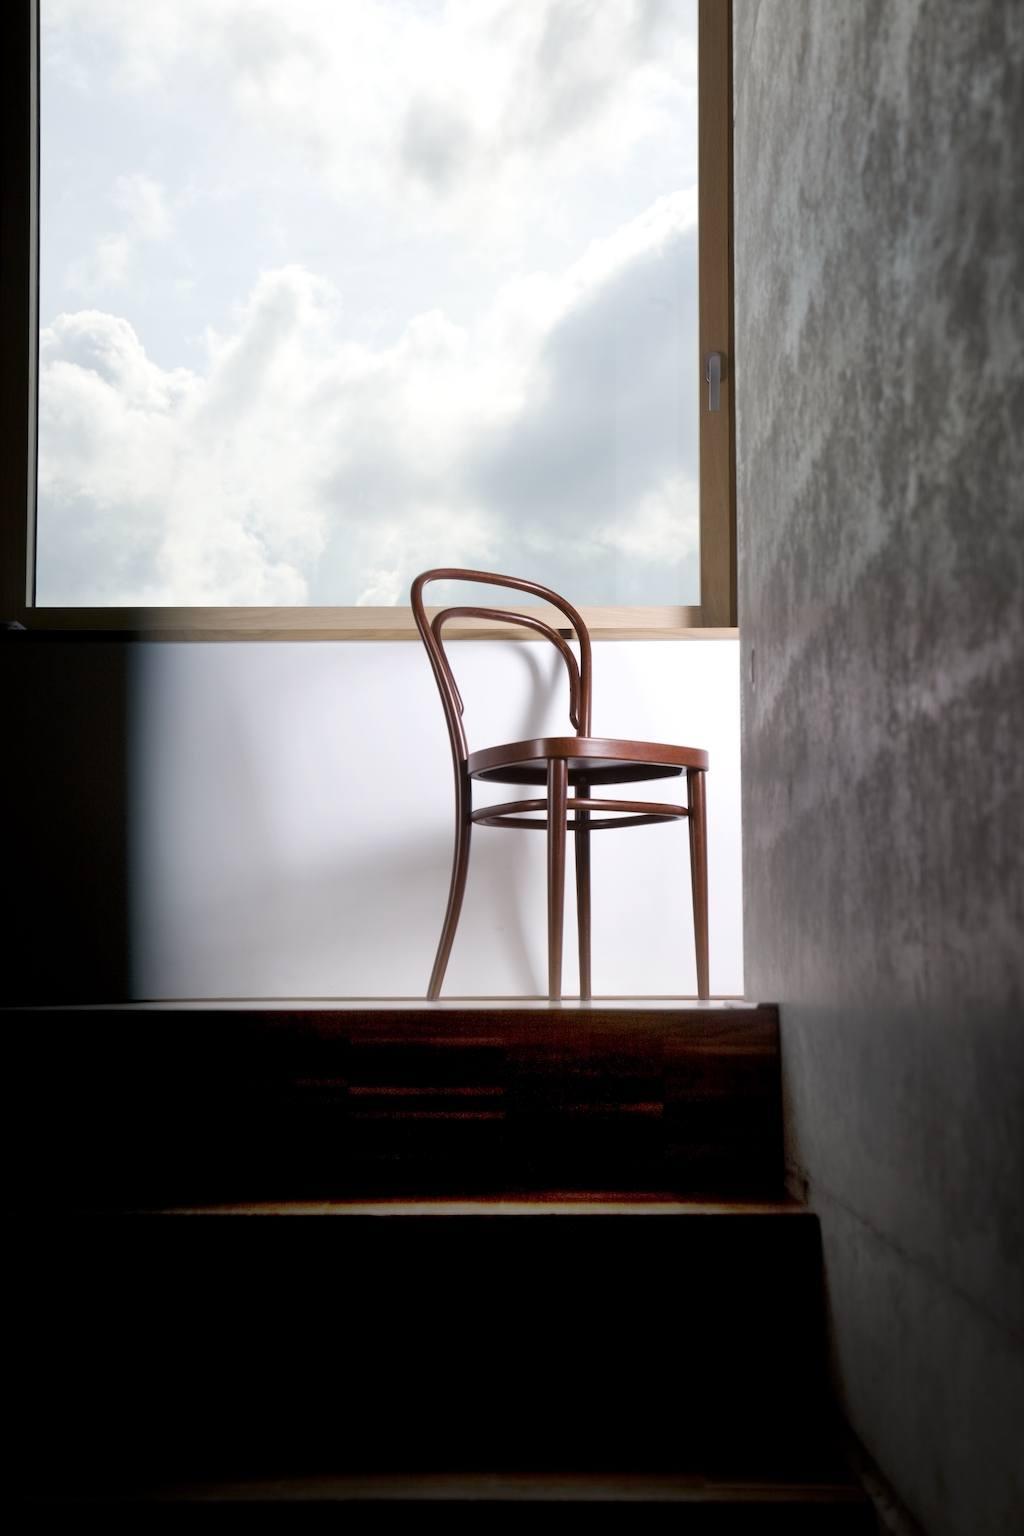 Thonet 214 Stuhl steht am oberen Treppenabsatz vor einem großen Fenster. Im Hintergrund Wolken.